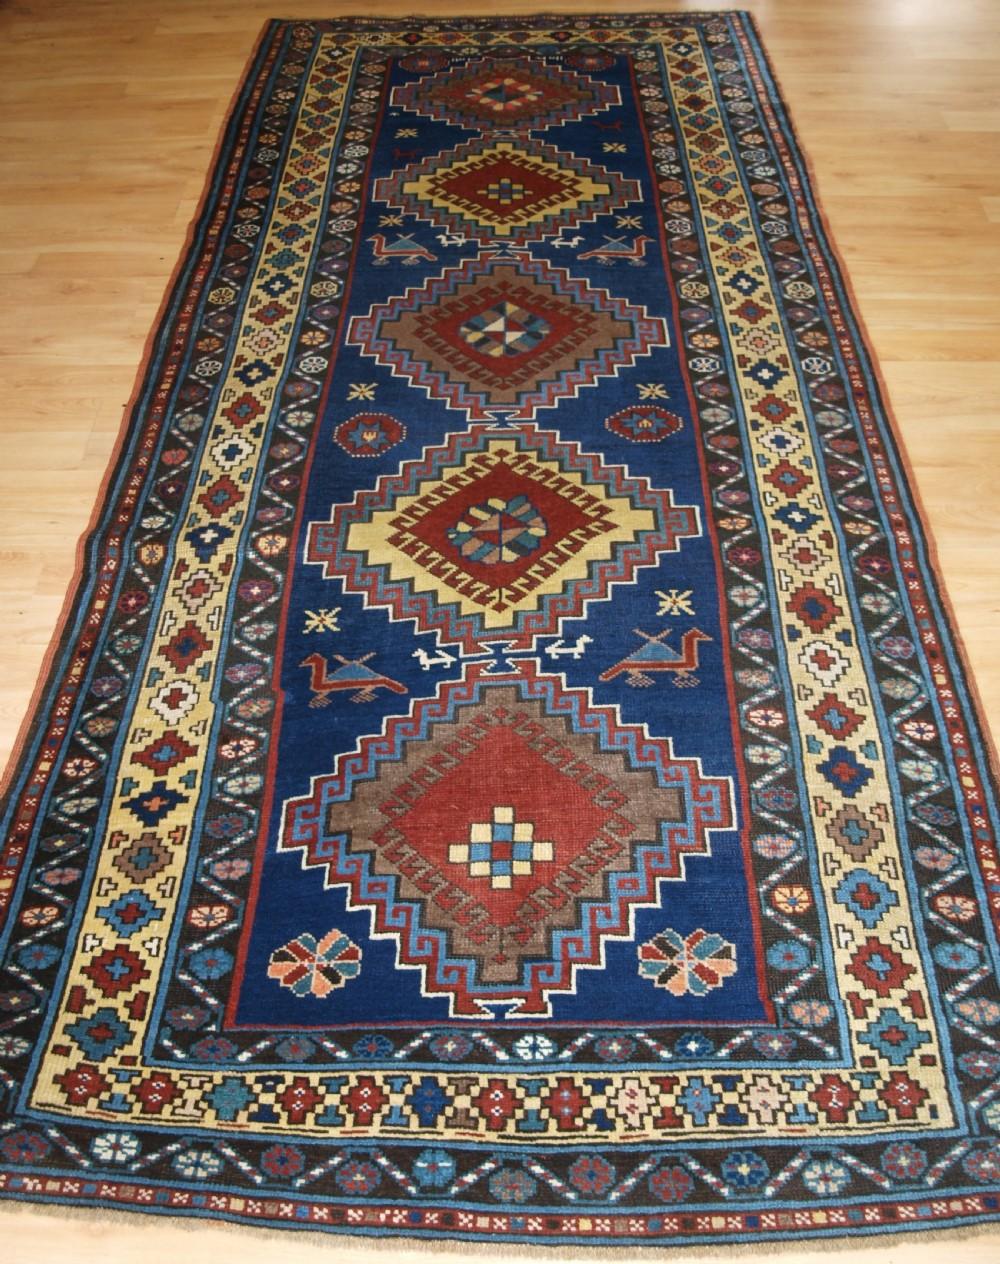 antique caucasian kazak long rug repeat medallion design superb condition circa 1900